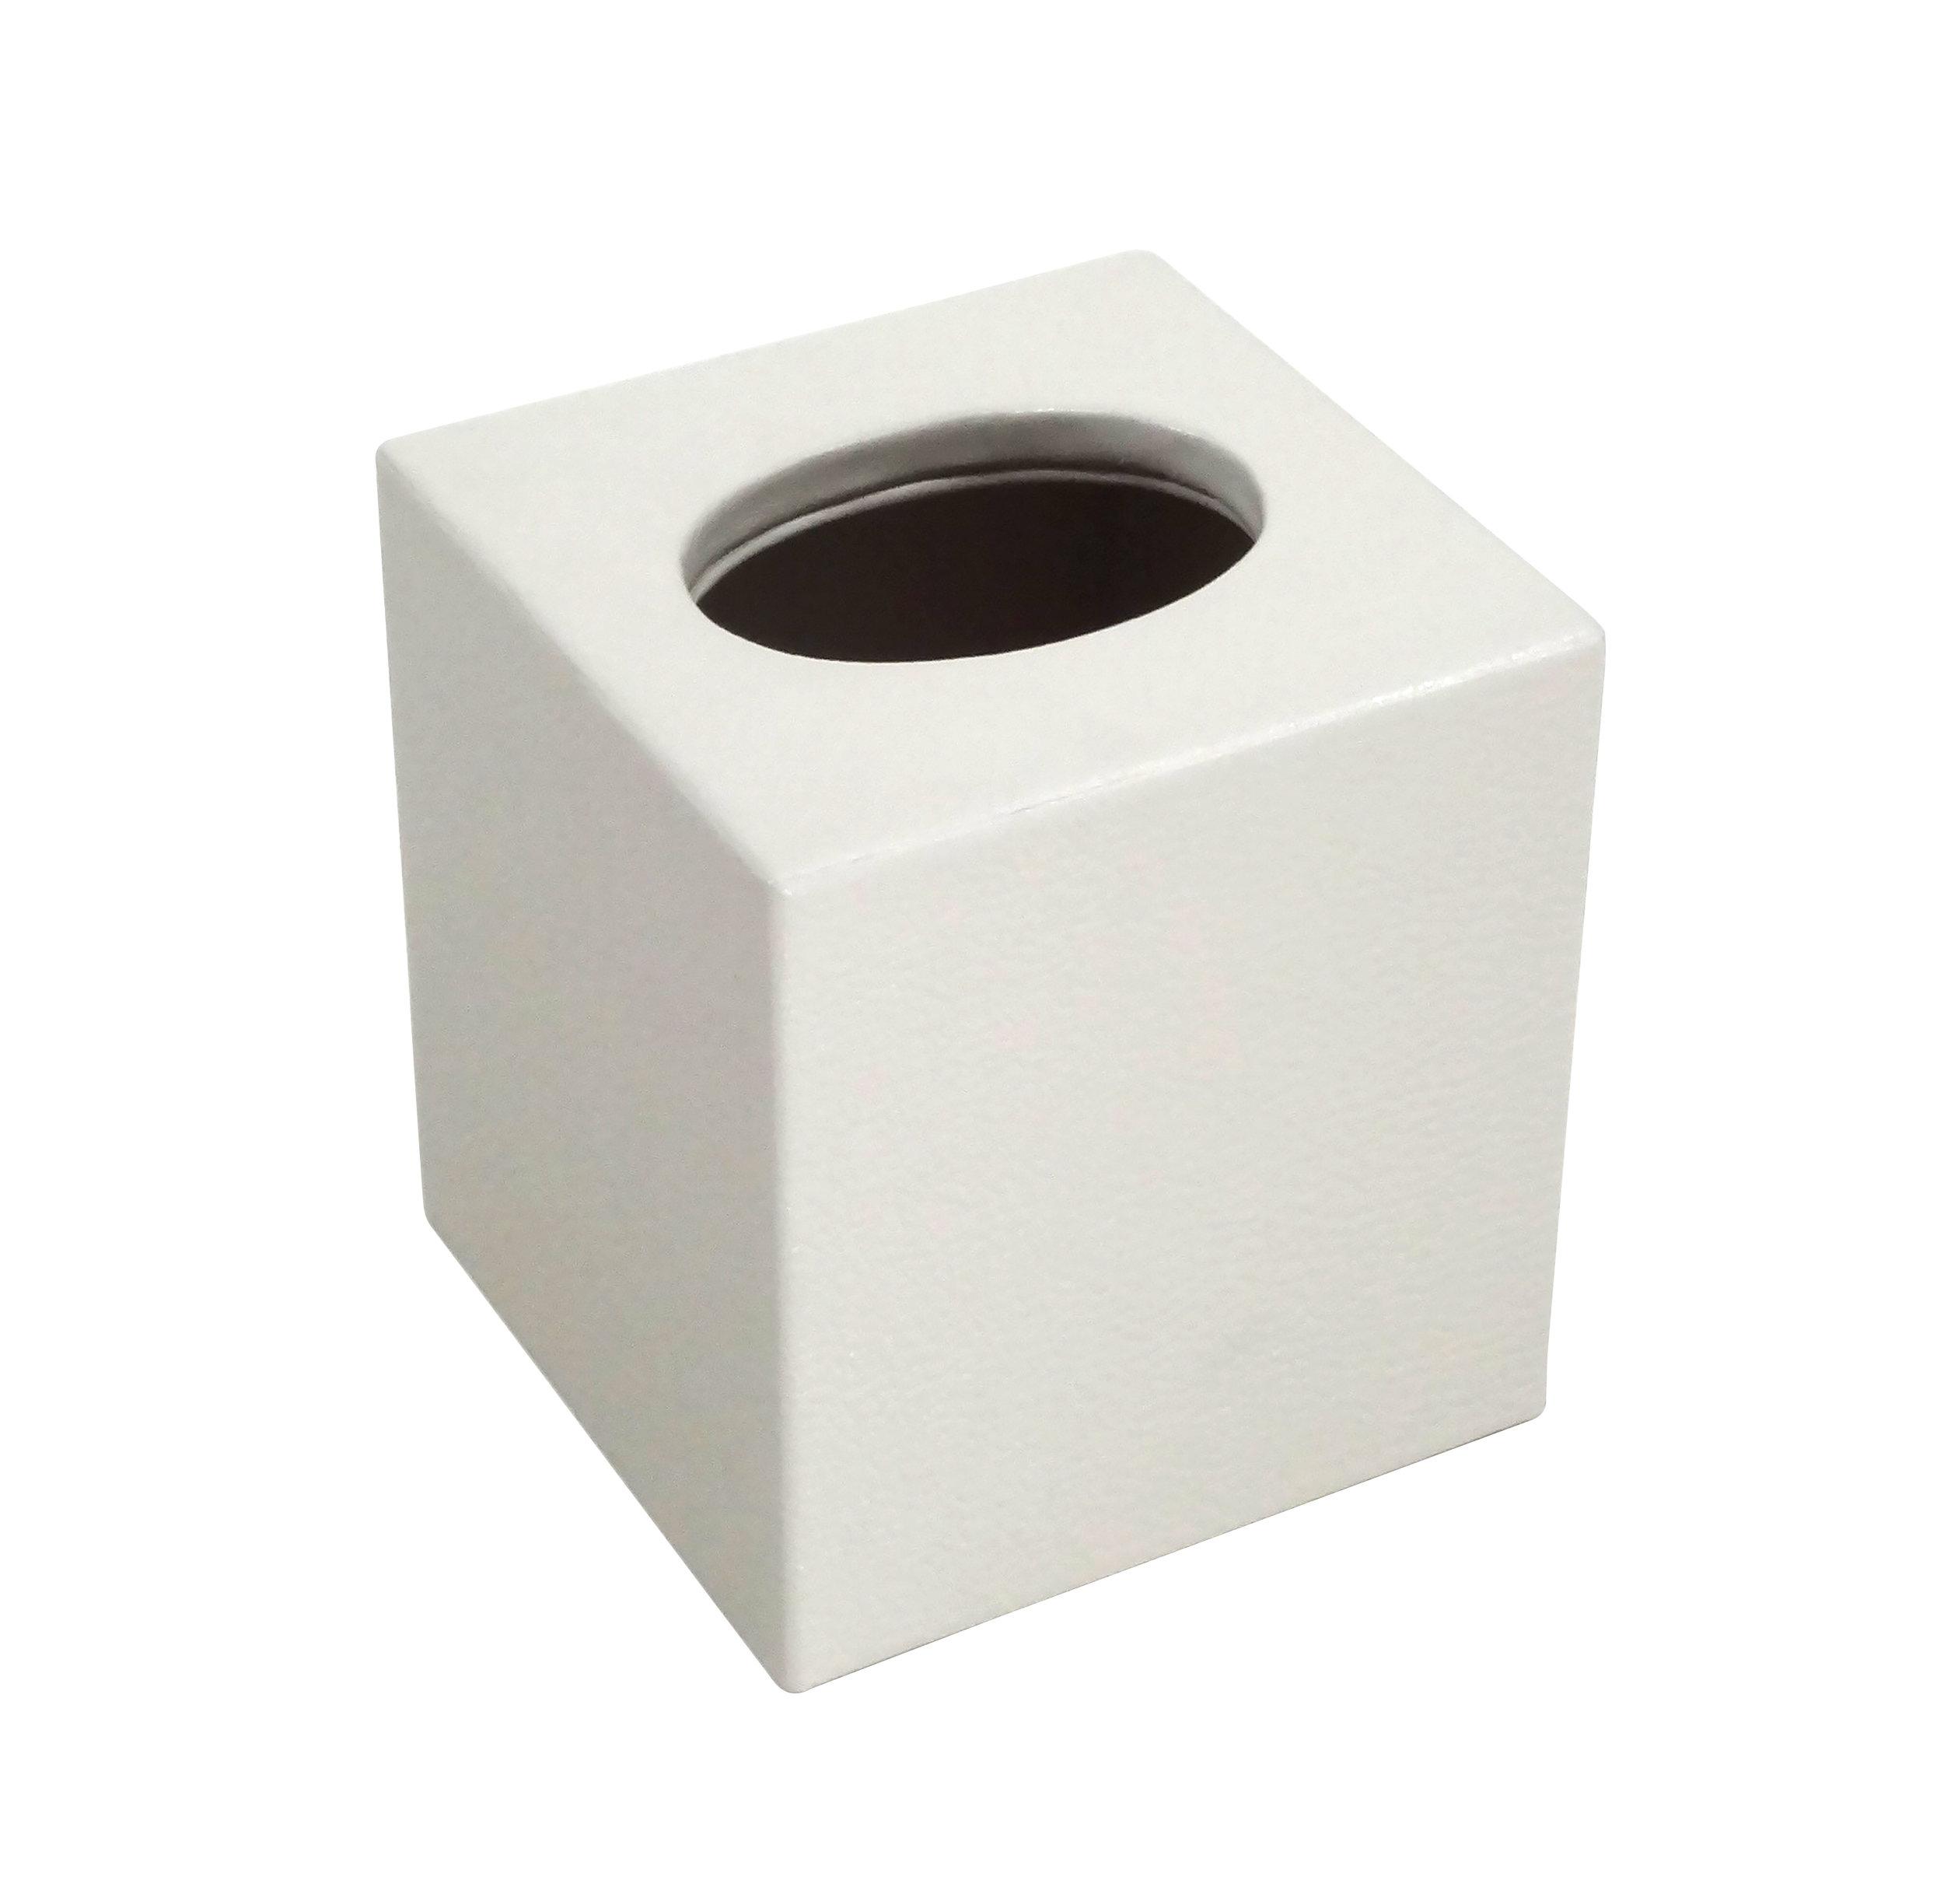 Goatskin Boutique Tissue Box